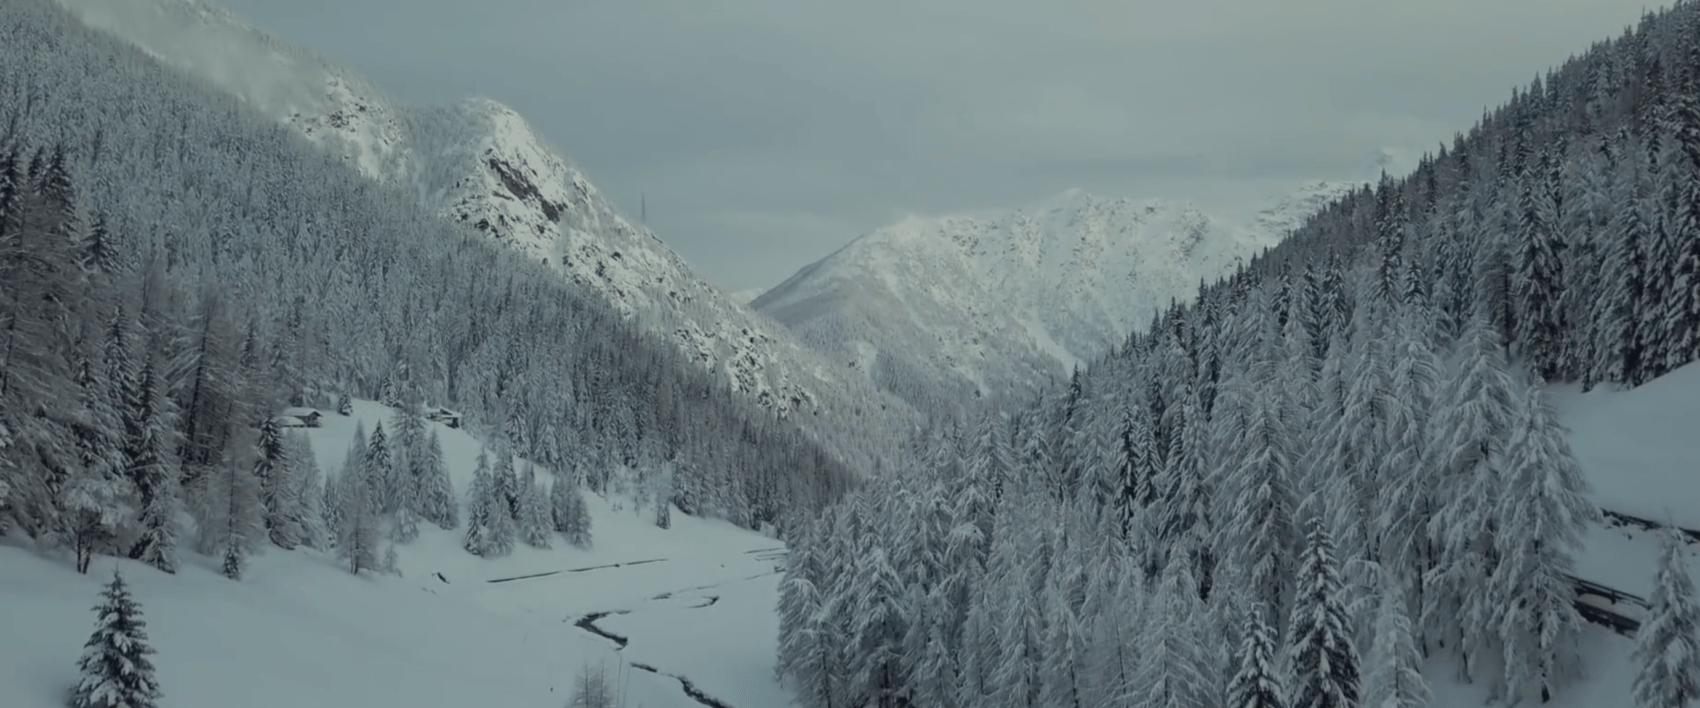 Grand St-Bernard - Valle d'Aosta